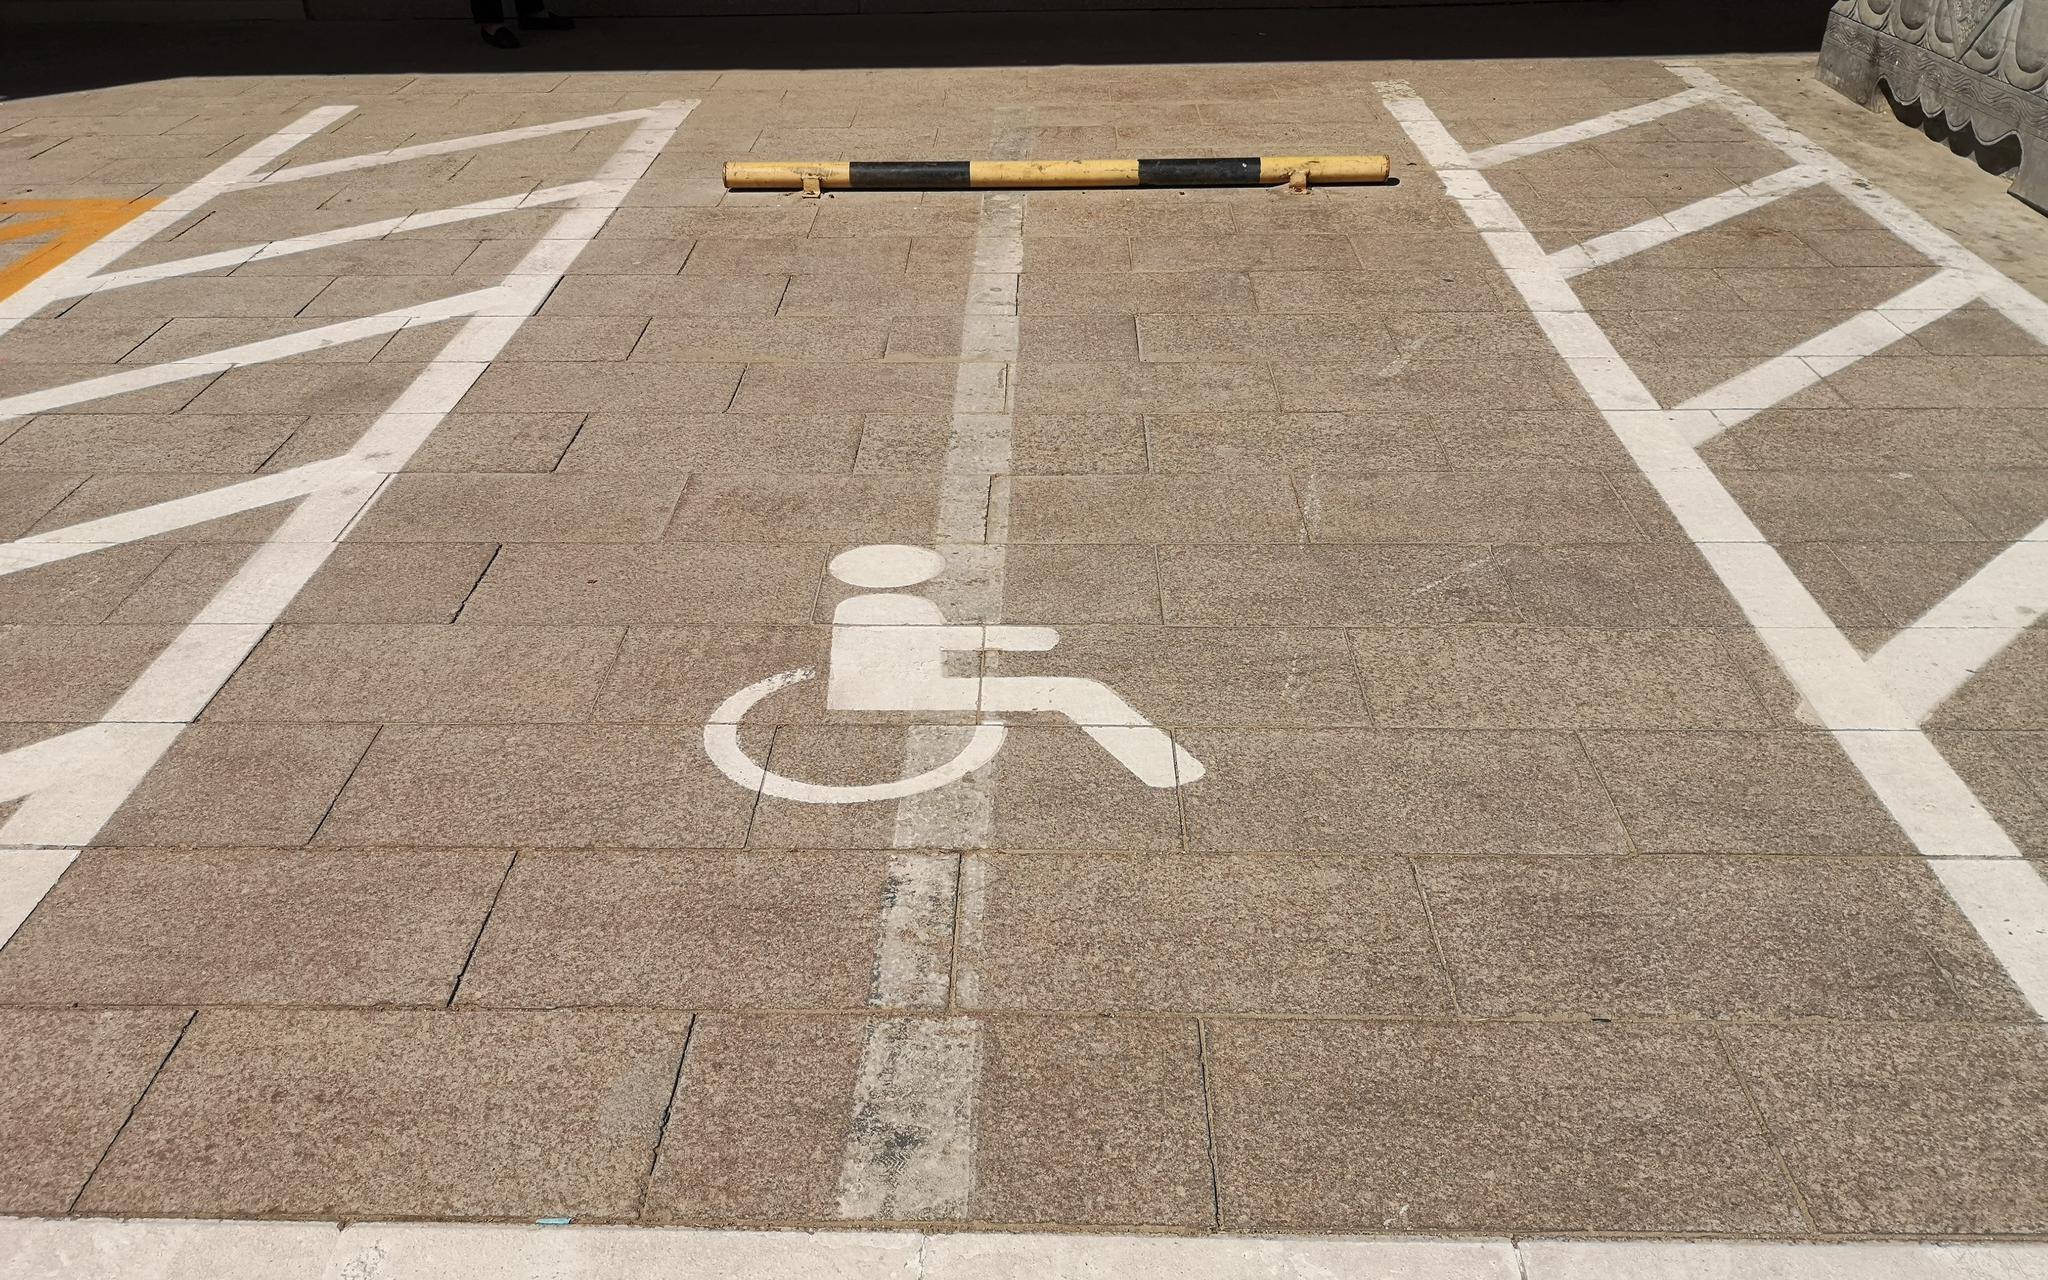 长安阛阓外配置的无障碍停车位。拍照/ 记京报新哲 黄者程。